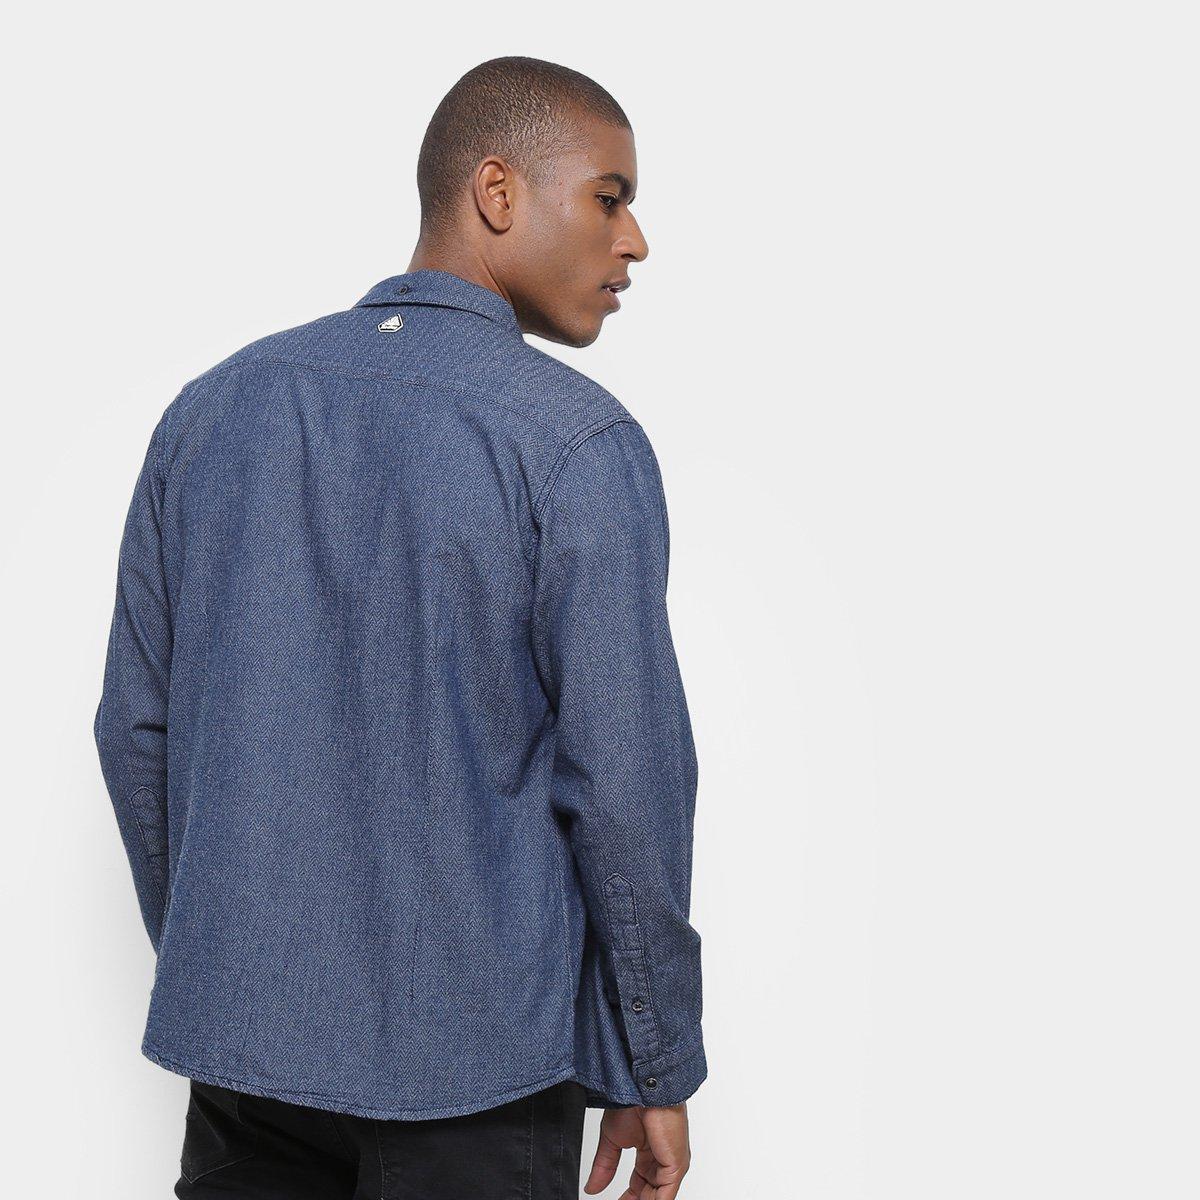 Foto 2 - Camisa Jeans Redley Manga Longa Ziguezague Masculina